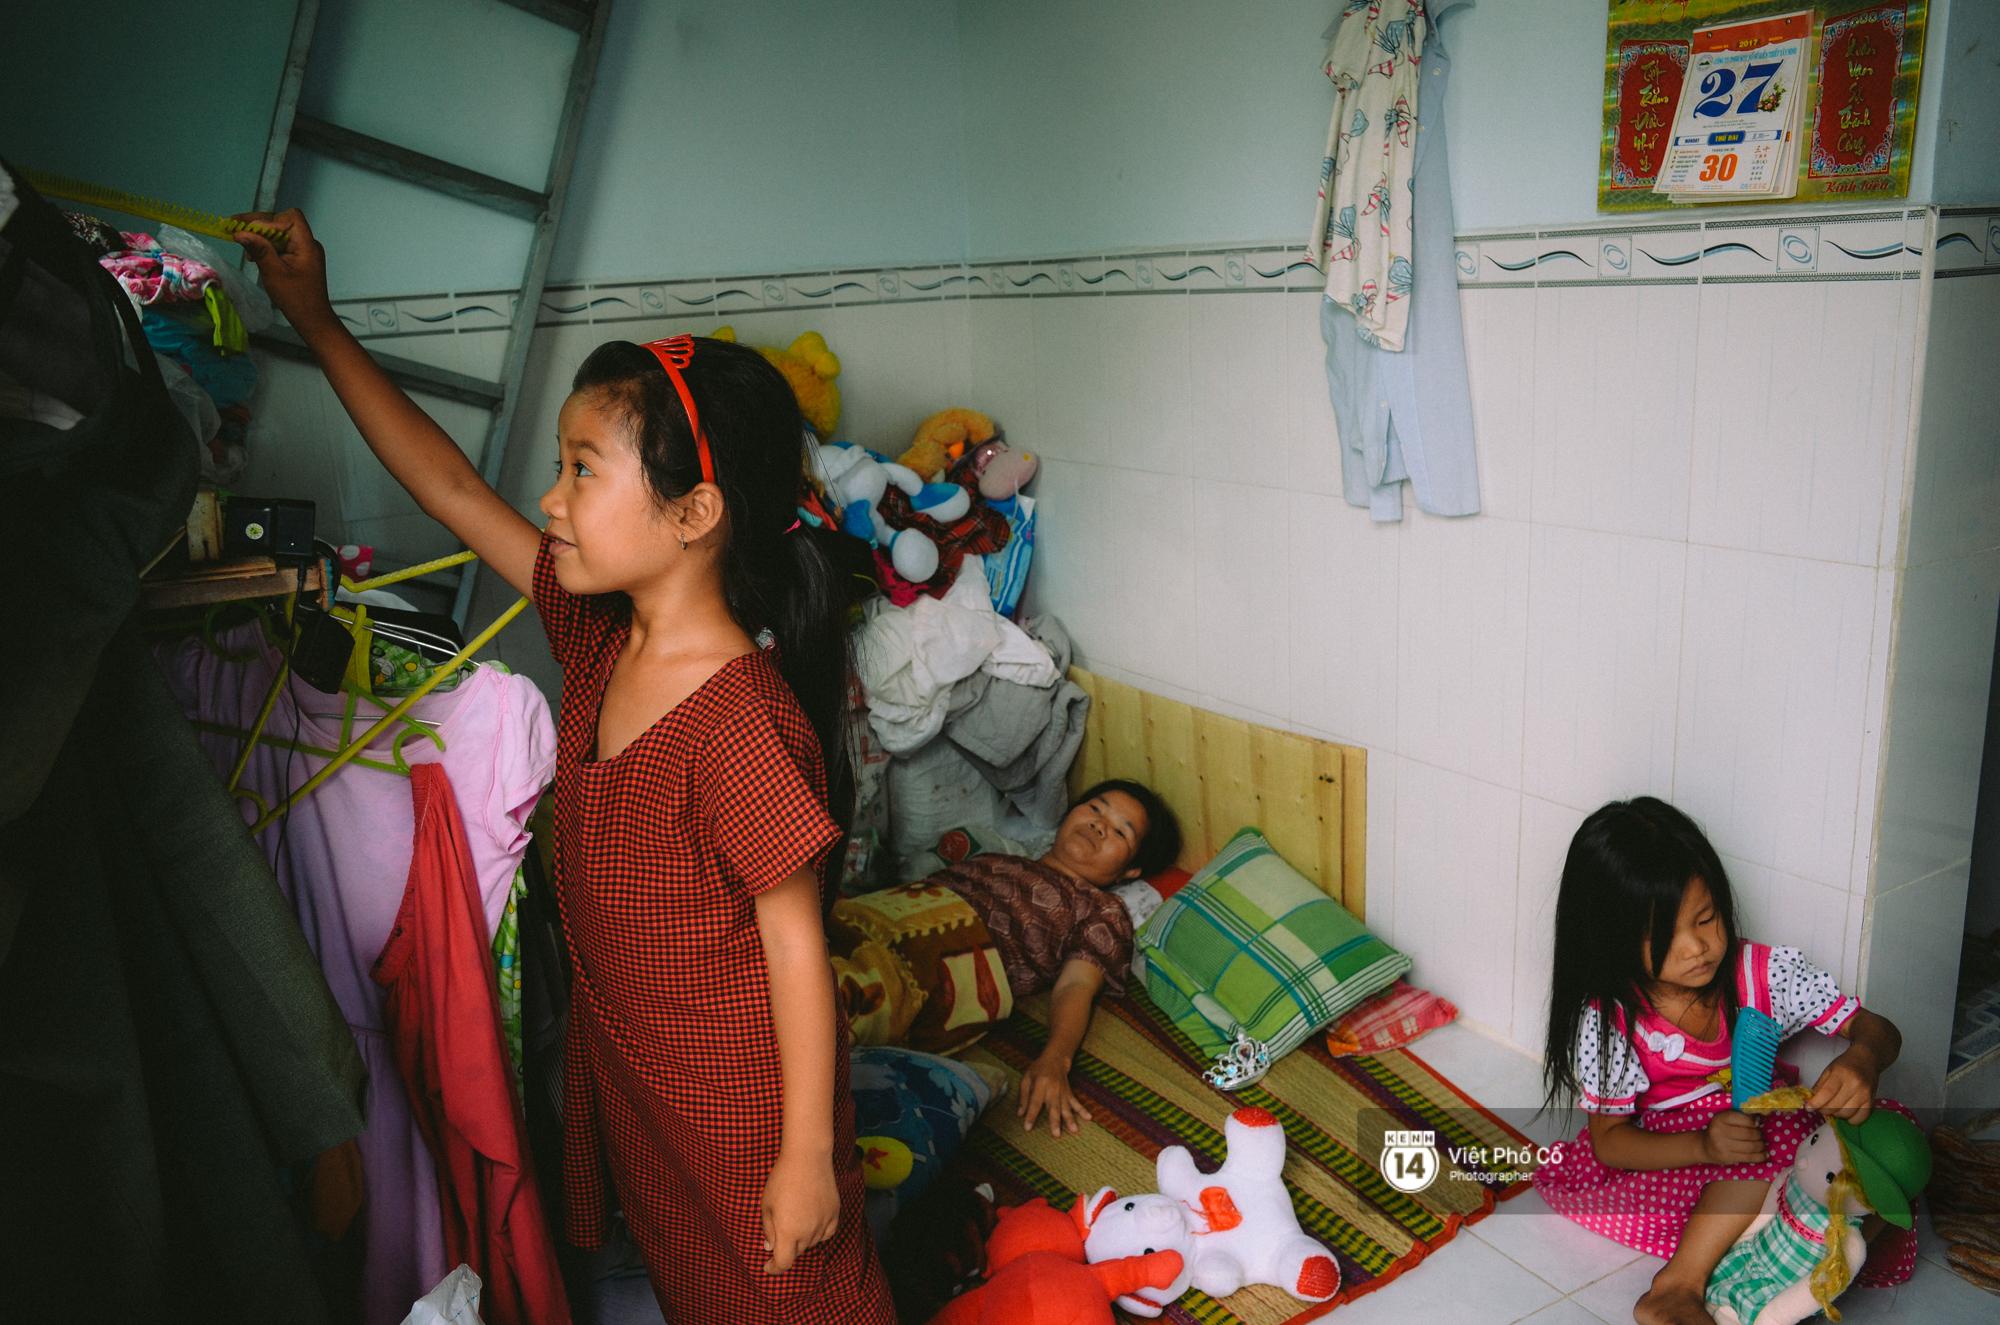 Gia đình vé số Sài Gòn: Ba mẹ ăn chuối luộc thay cơm, hai con gái không biết đến thịt cá - Ảnh 9.